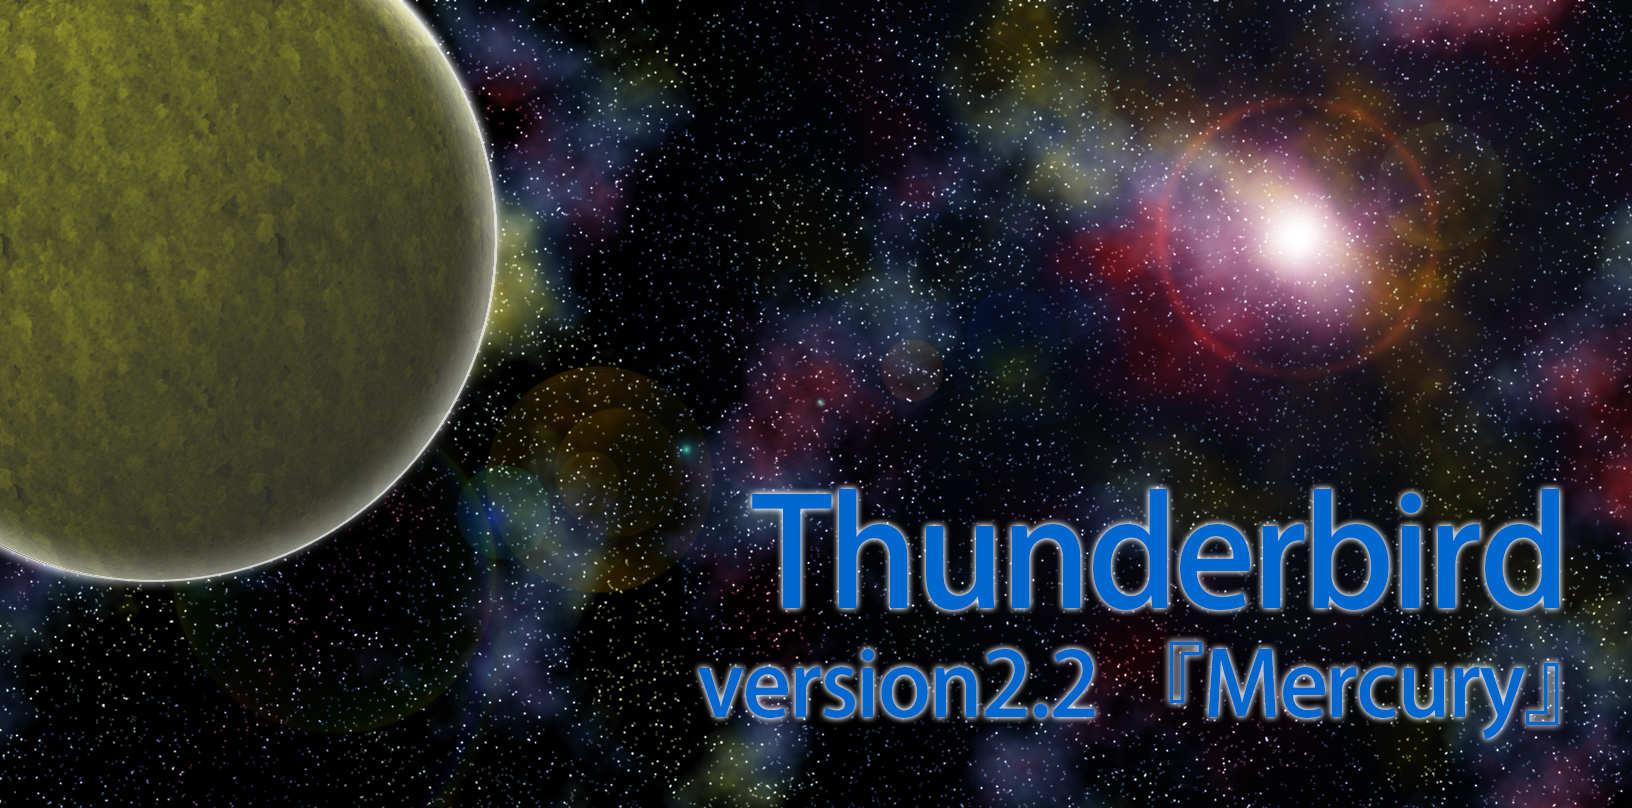 Thunderbird2.2